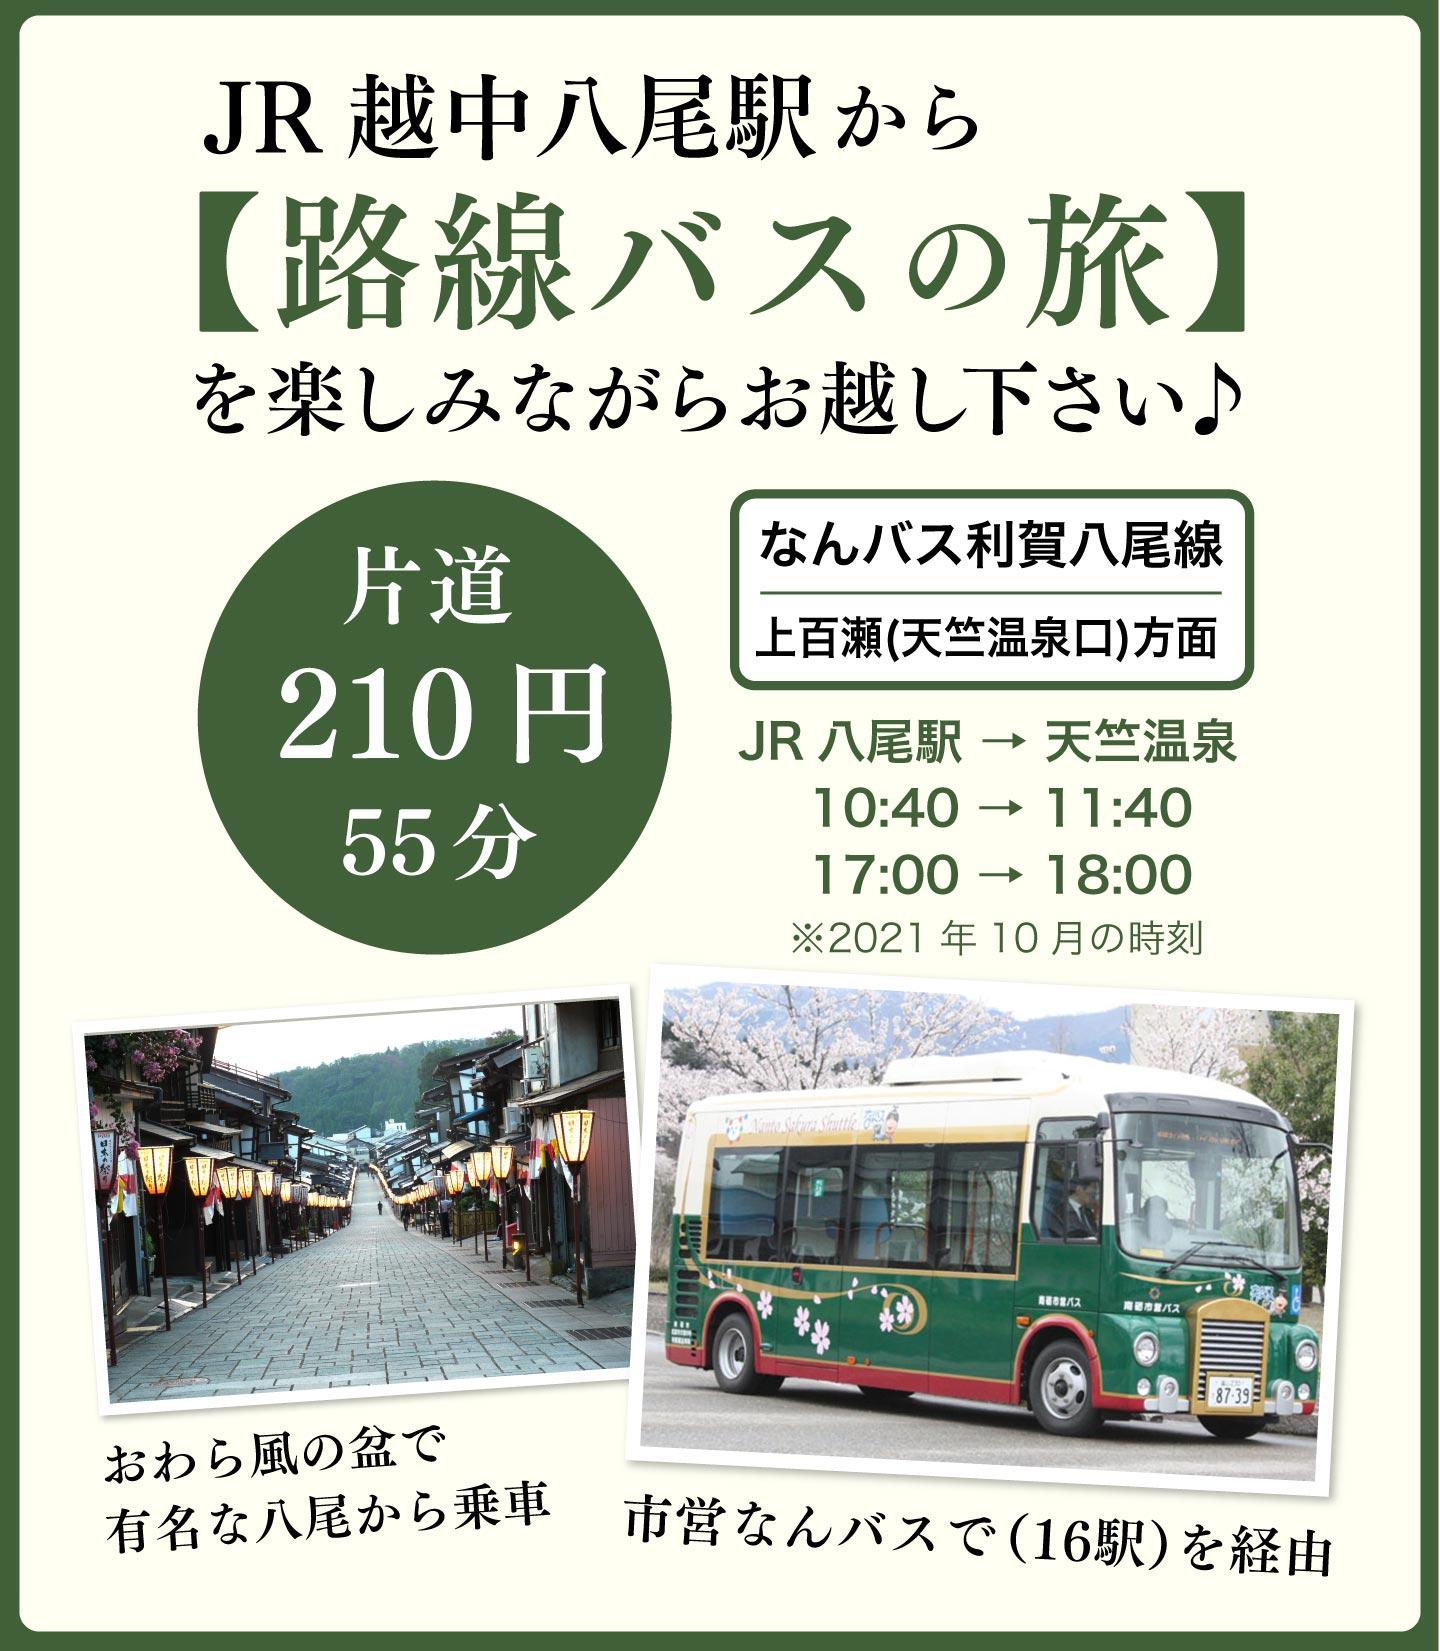 路線バスの旅